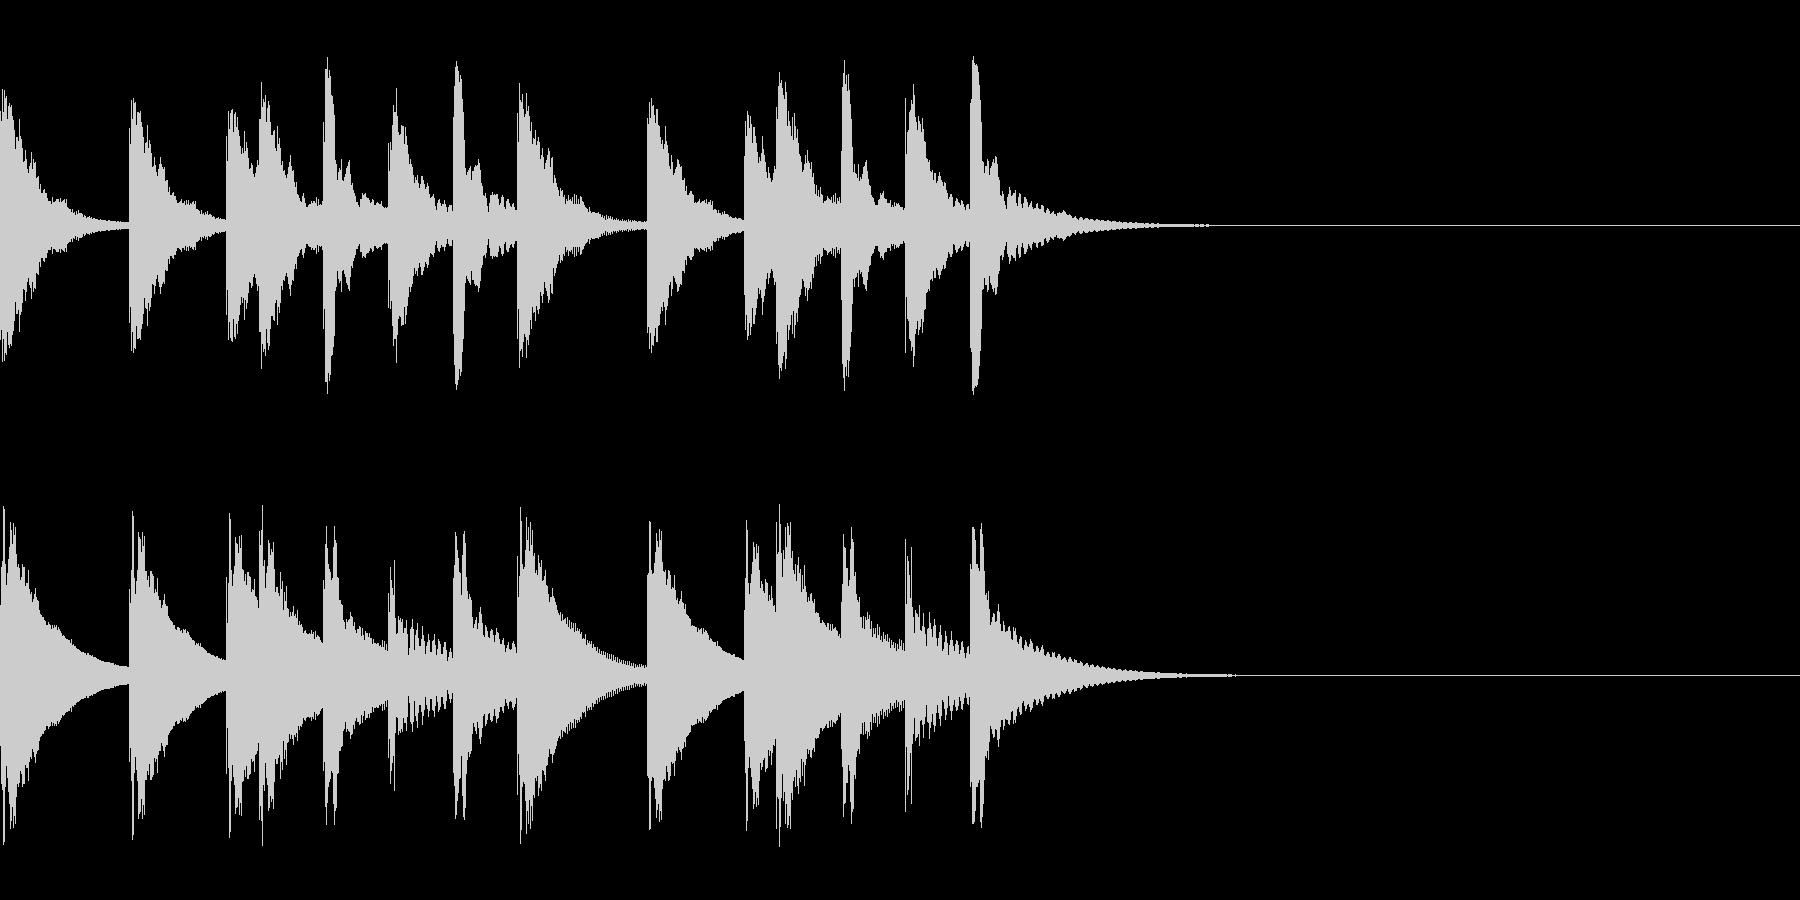 ででーーんという感じの木琴のジングルの未再生の波形